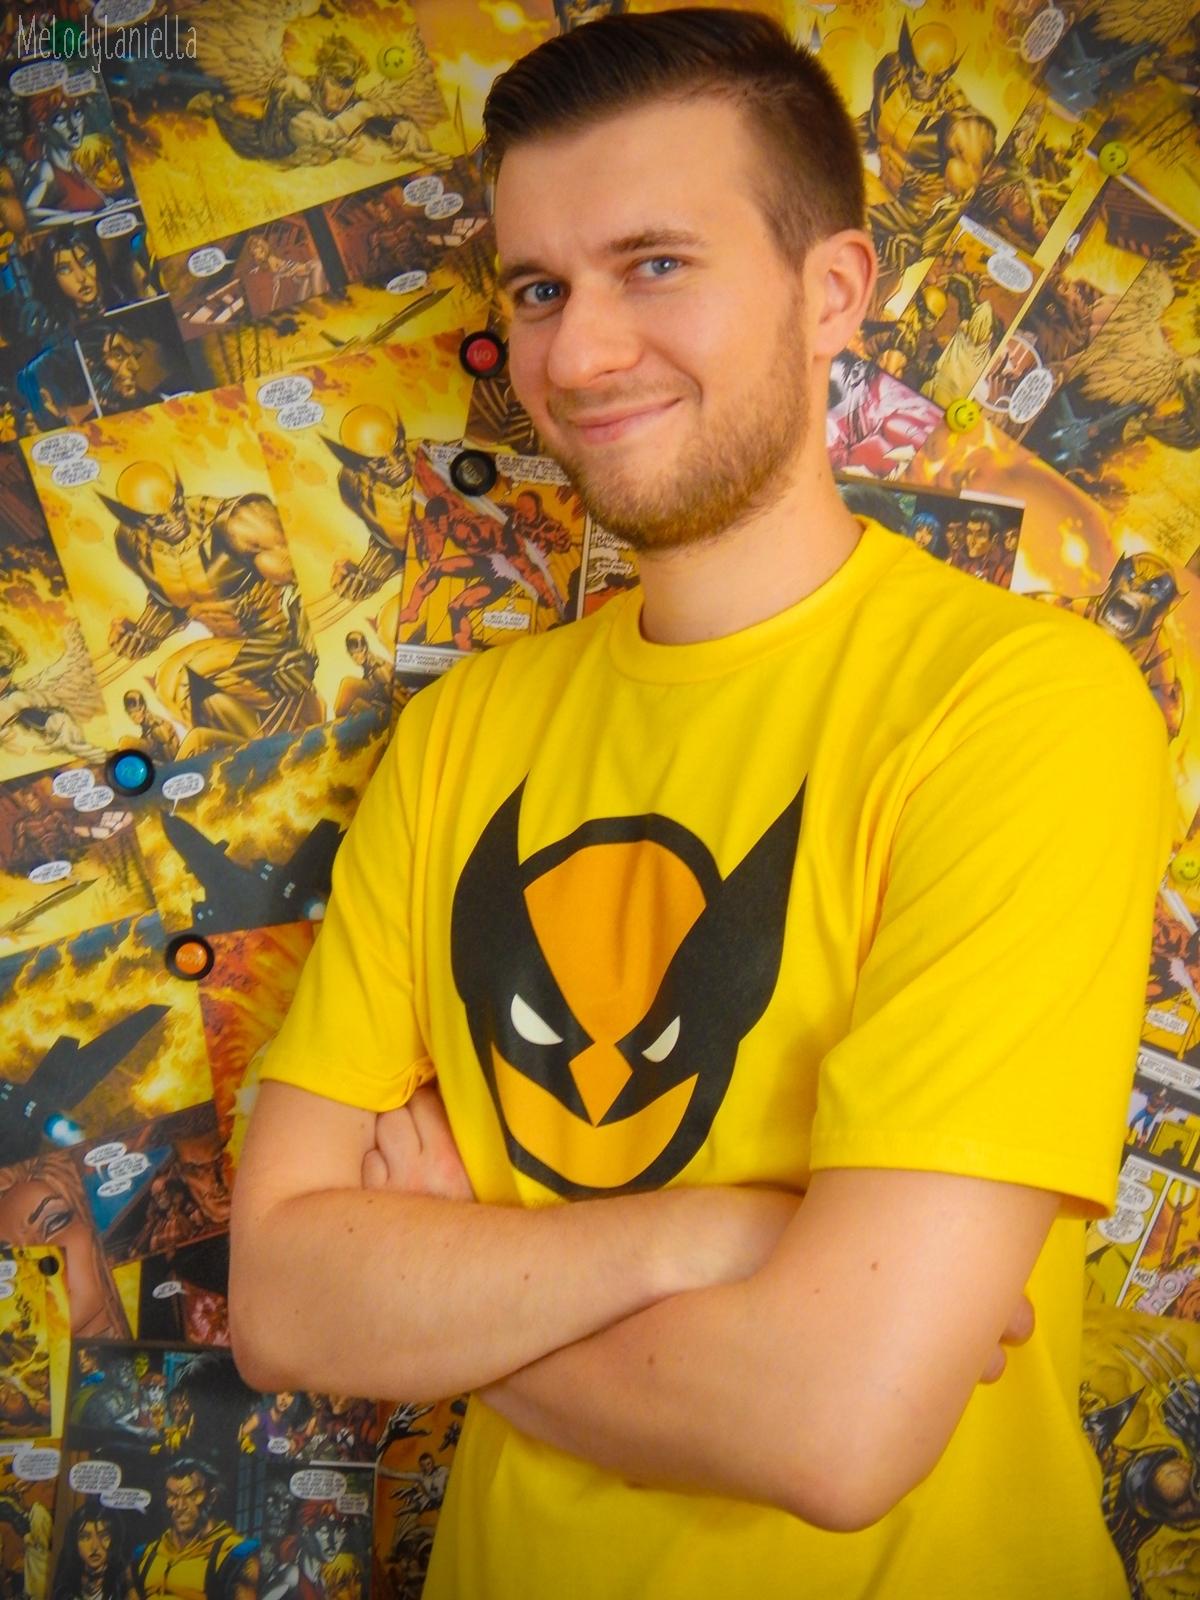 wolverine marvel komiksy koszulka tshirt koszulkowo prezent dla niego melodylaniella zolty tshirt stylowe ubrania dla geekow i fanow komiksow